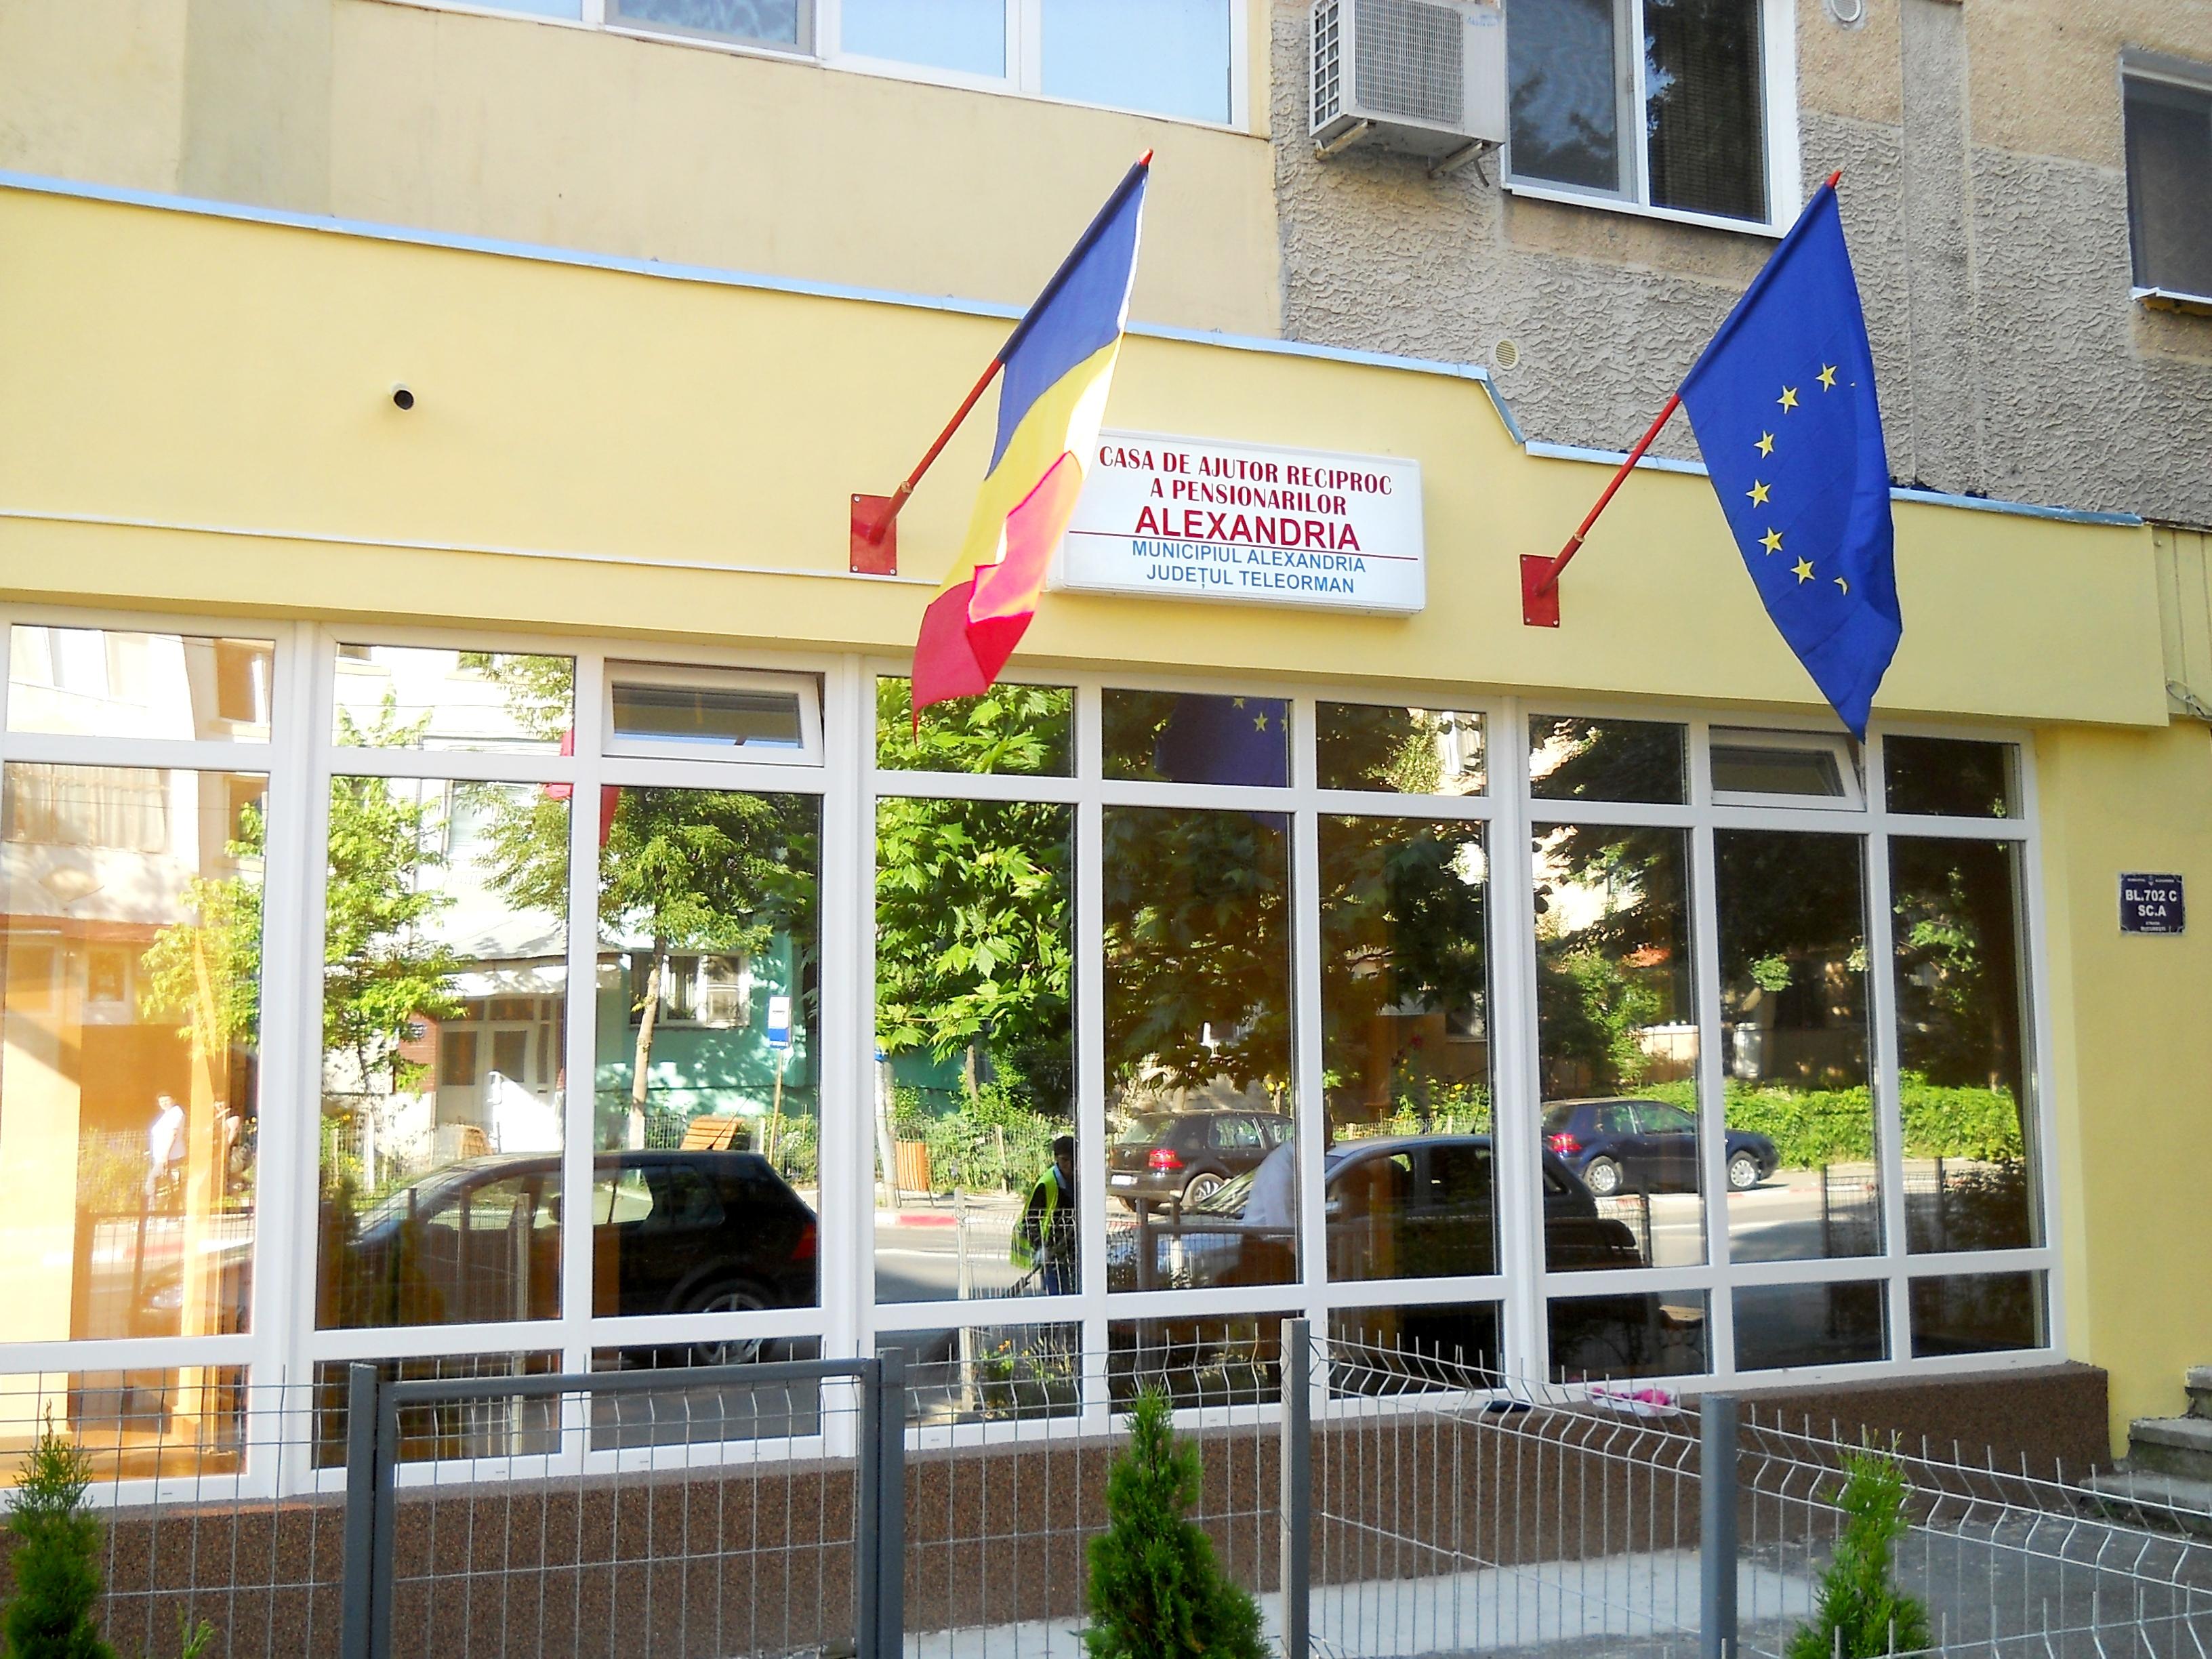 C.A.R.P Alexandria și-a deschis CLUB. Pensionarii, invitați la activități culturale și recreative